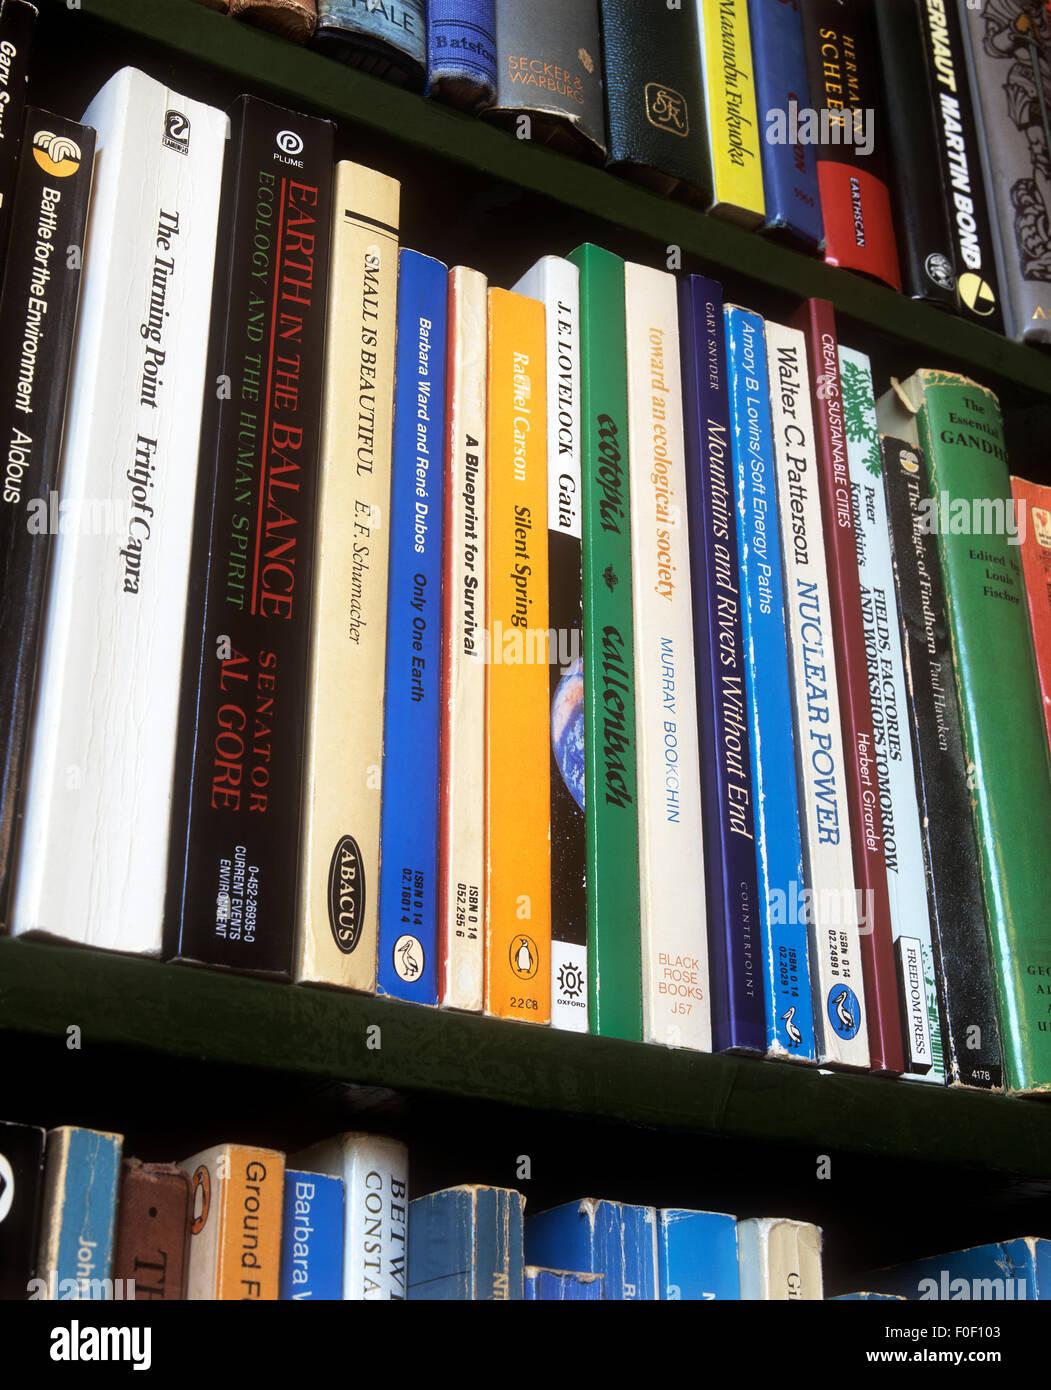 Una selezione di libri, principalmente sulle questioni ambientali e argomenti correlati. Immagini Stock